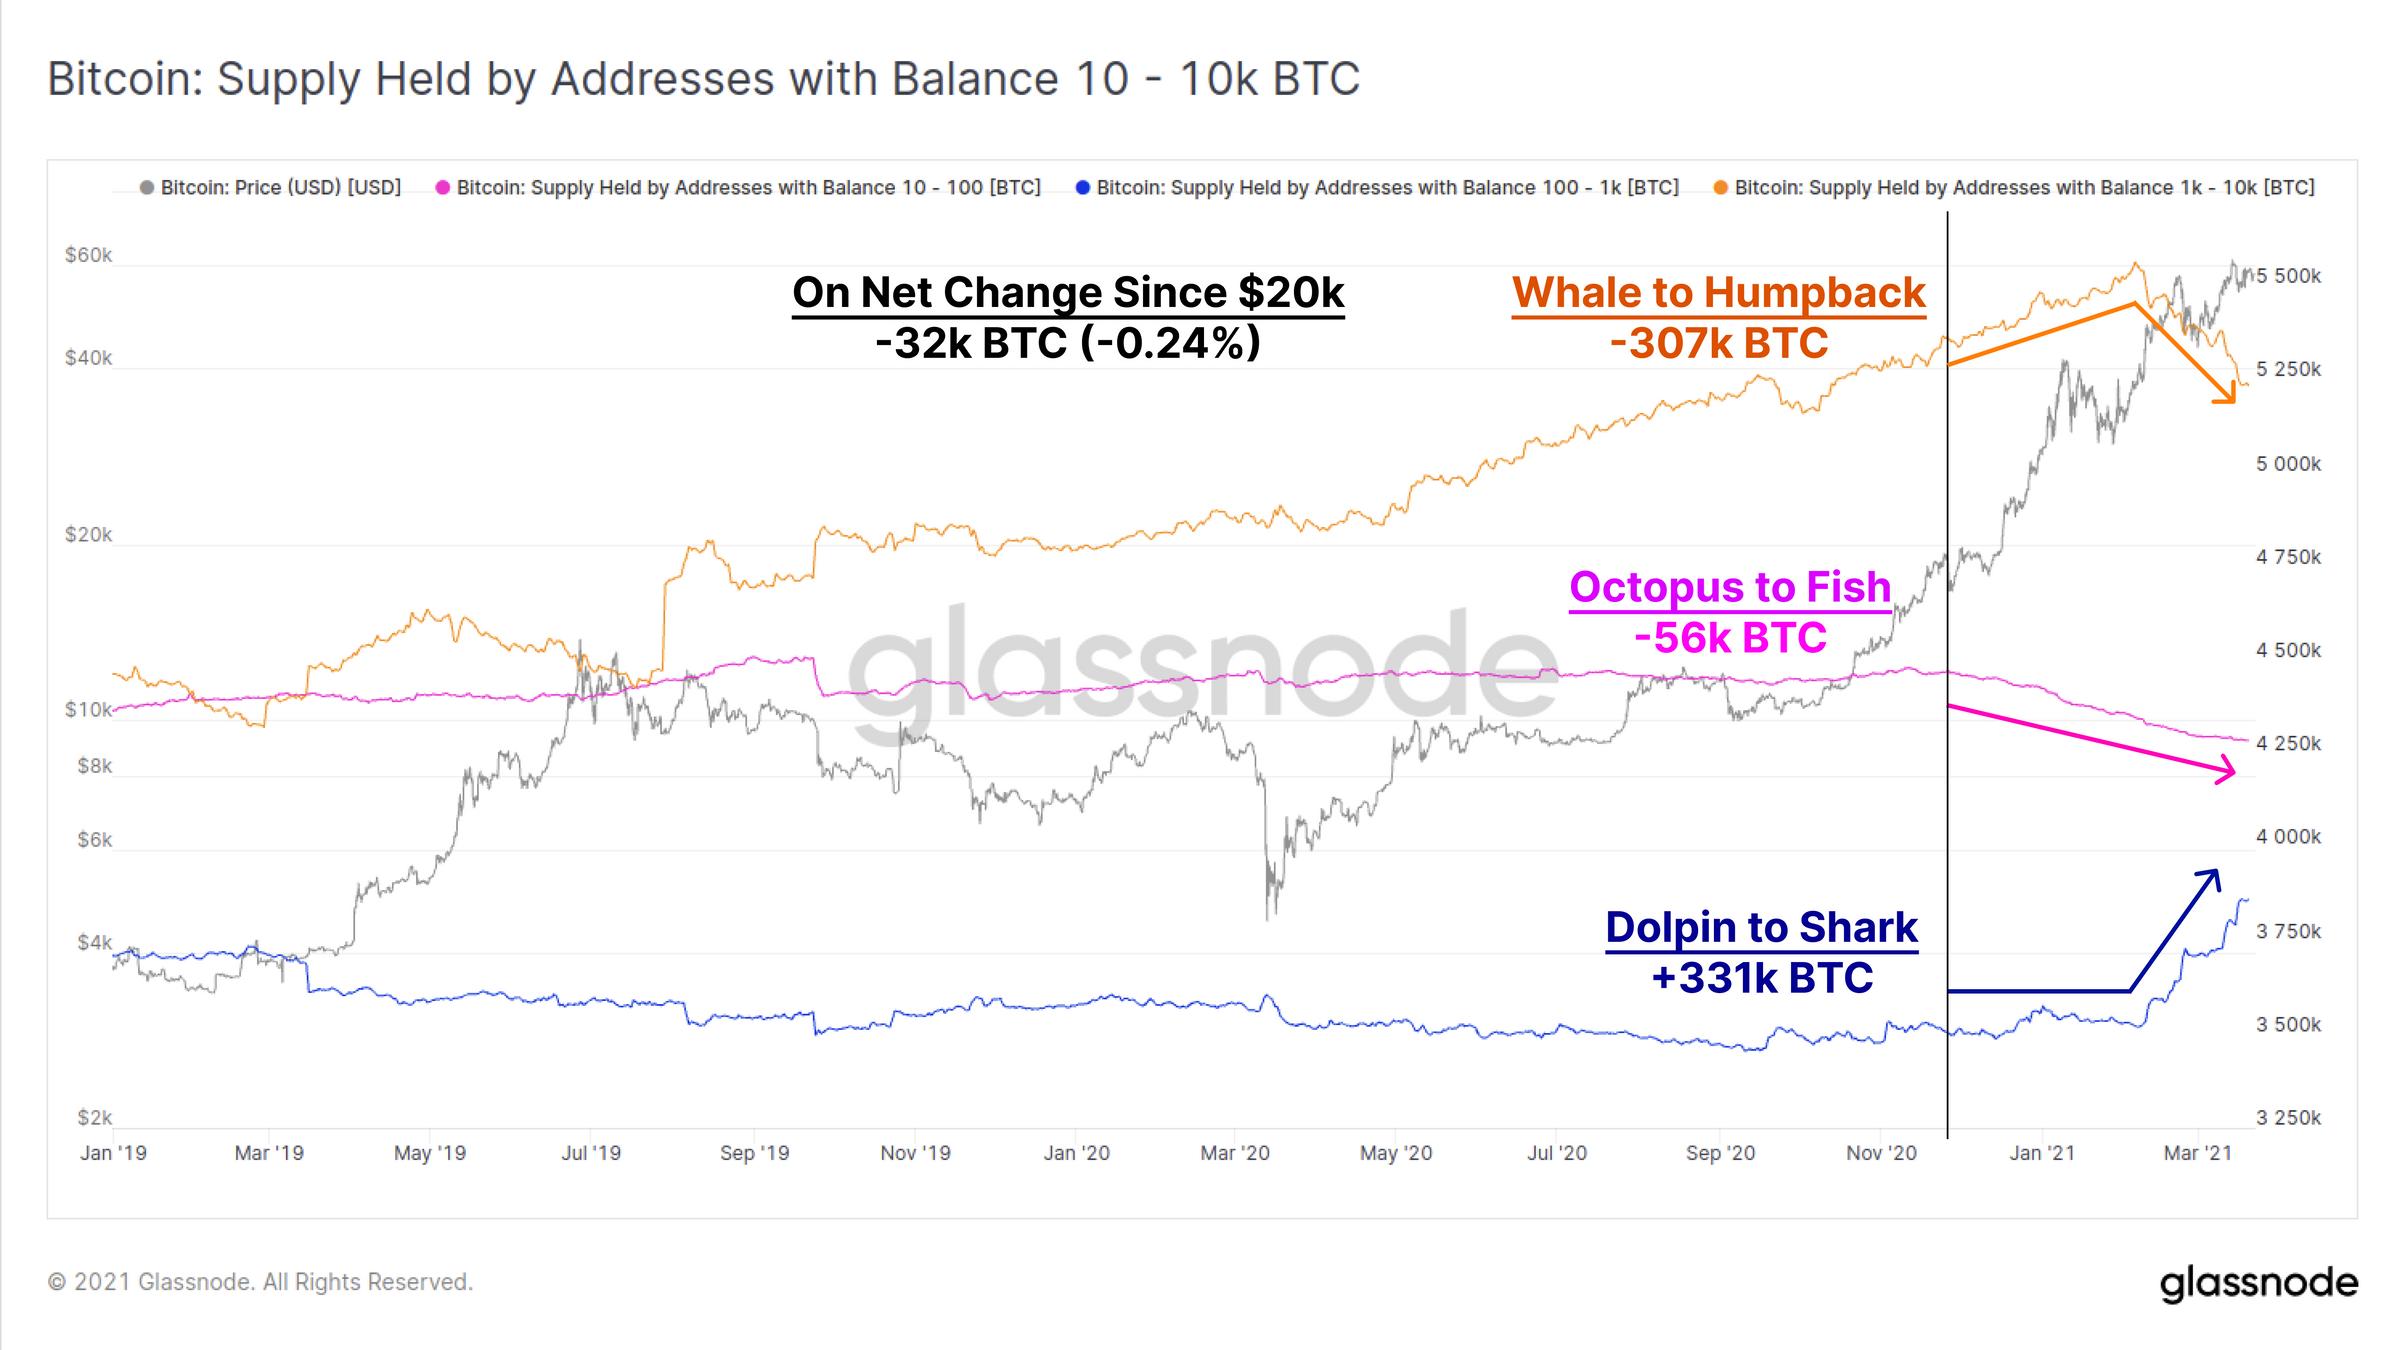 链上数据详解丨比特币牛市或进入后期阶段,鲸鱼地址已减持约30.7万BTC